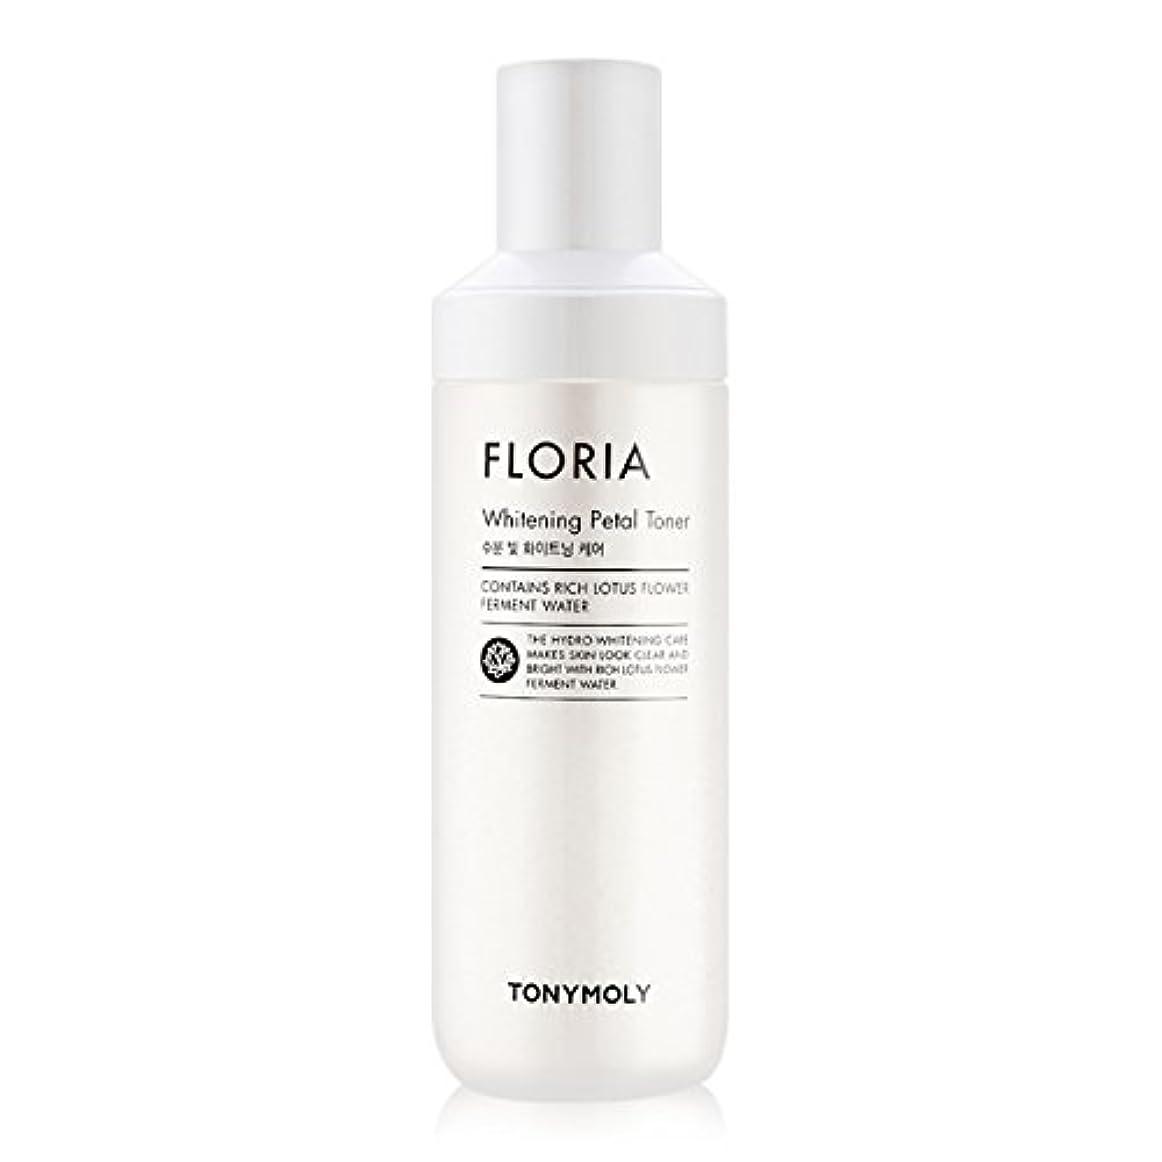 グラス固体ツール[2016 New] TONYMOLY Floria Whitening Petal Toner 180ml/トニーモリー フロリア ホワイトニング ペタル トナー 180ml